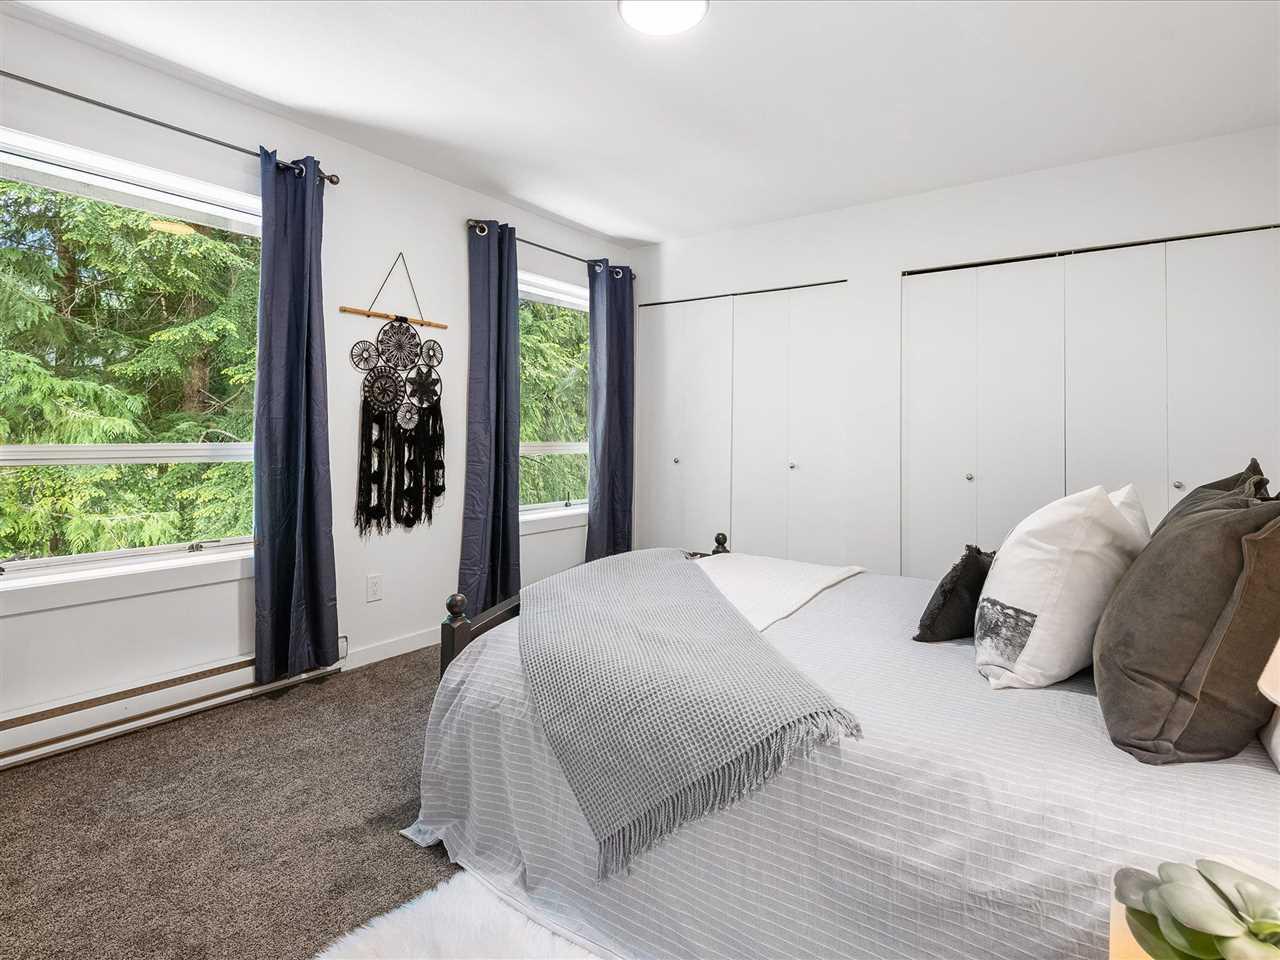 72 2222 BRANDYWINE WAY - Bayshores 1/2 Duplex for sale, 3 Bedrooms (R2591139) - #20